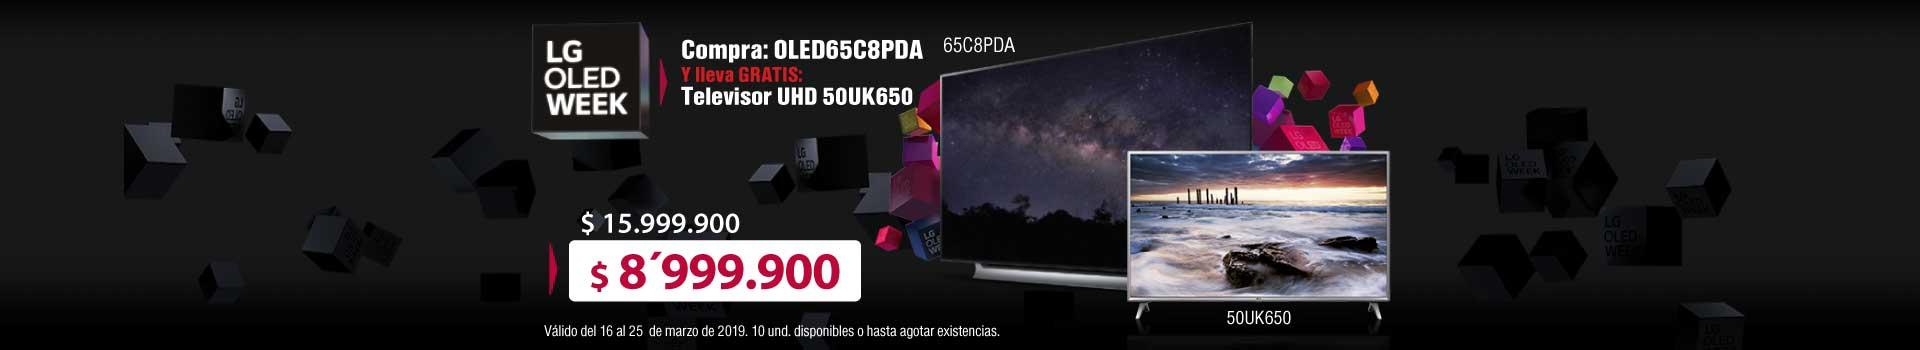 AK-KT-BCAT-1-TV-PP-LG-65C8-MARZO-23